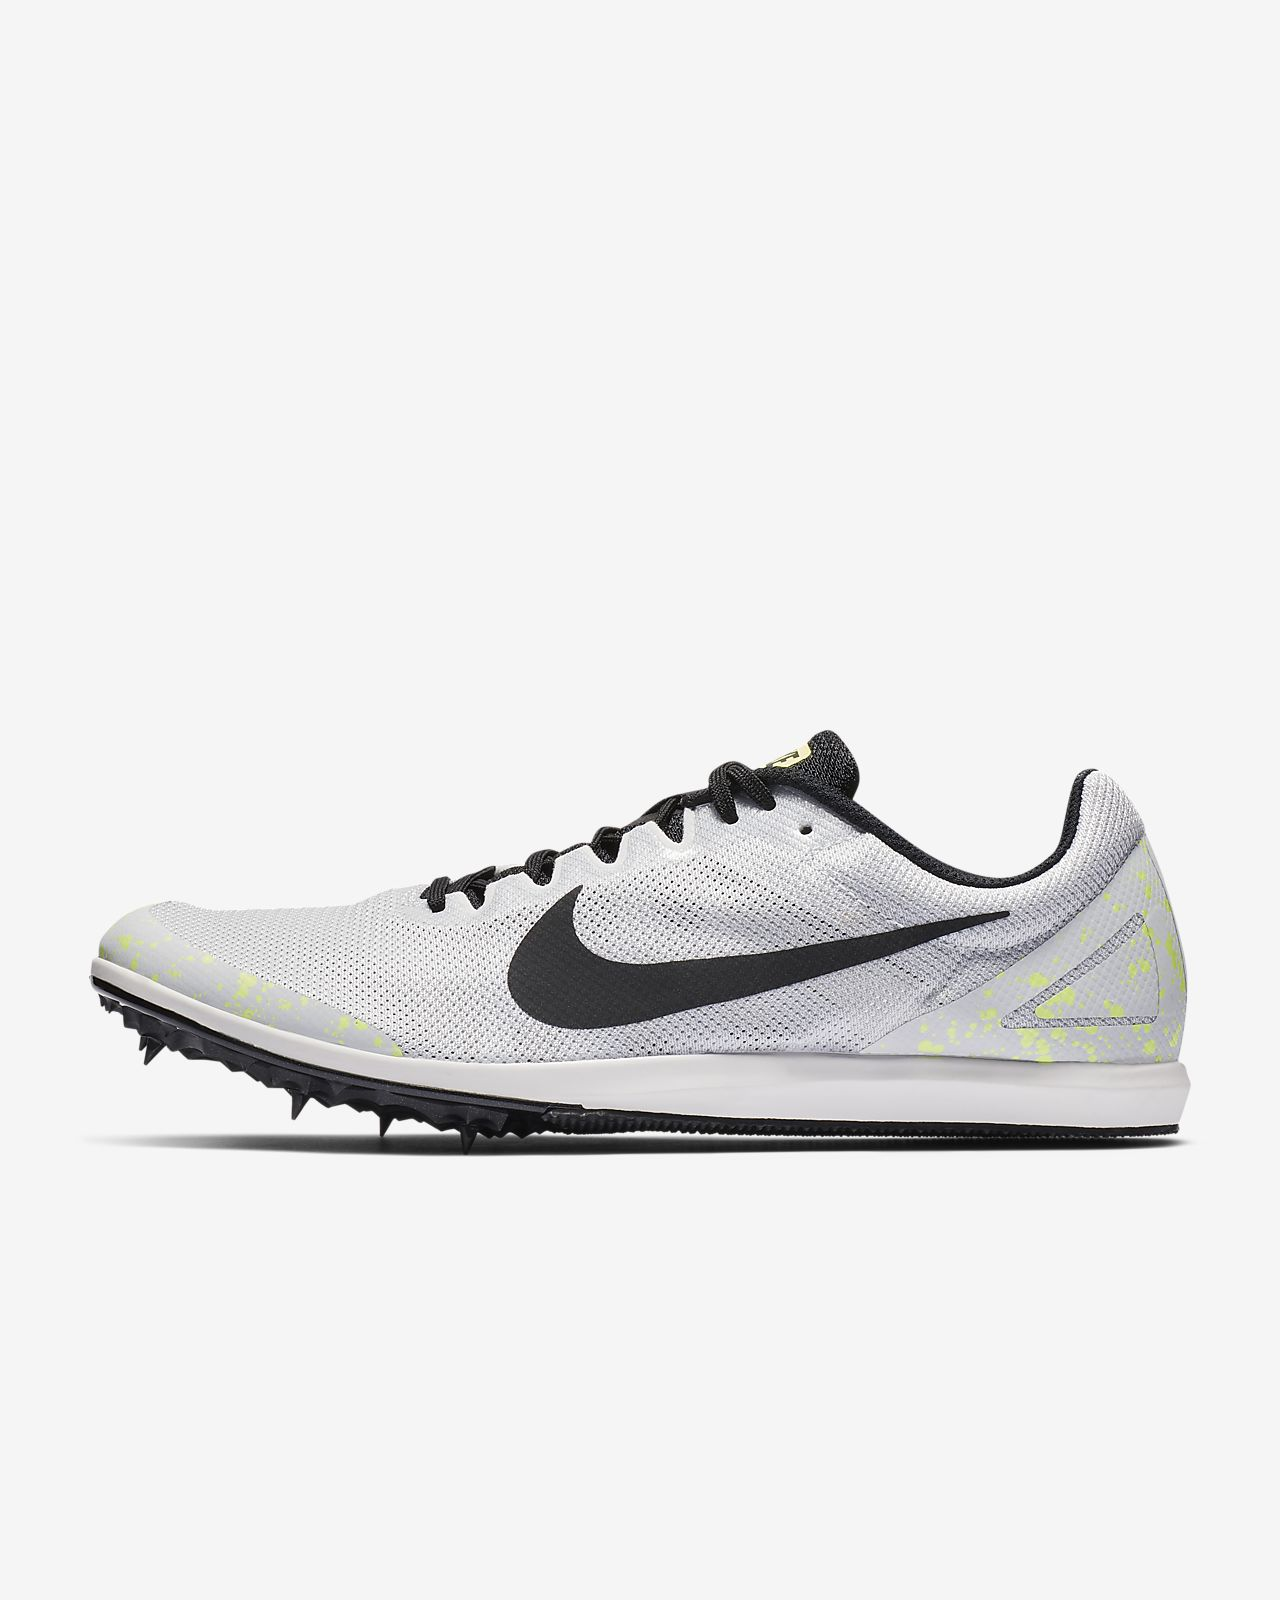 big sale eae75 5a2ba Chaussure de course à pointes mixte Nike Zoom Rival D 10